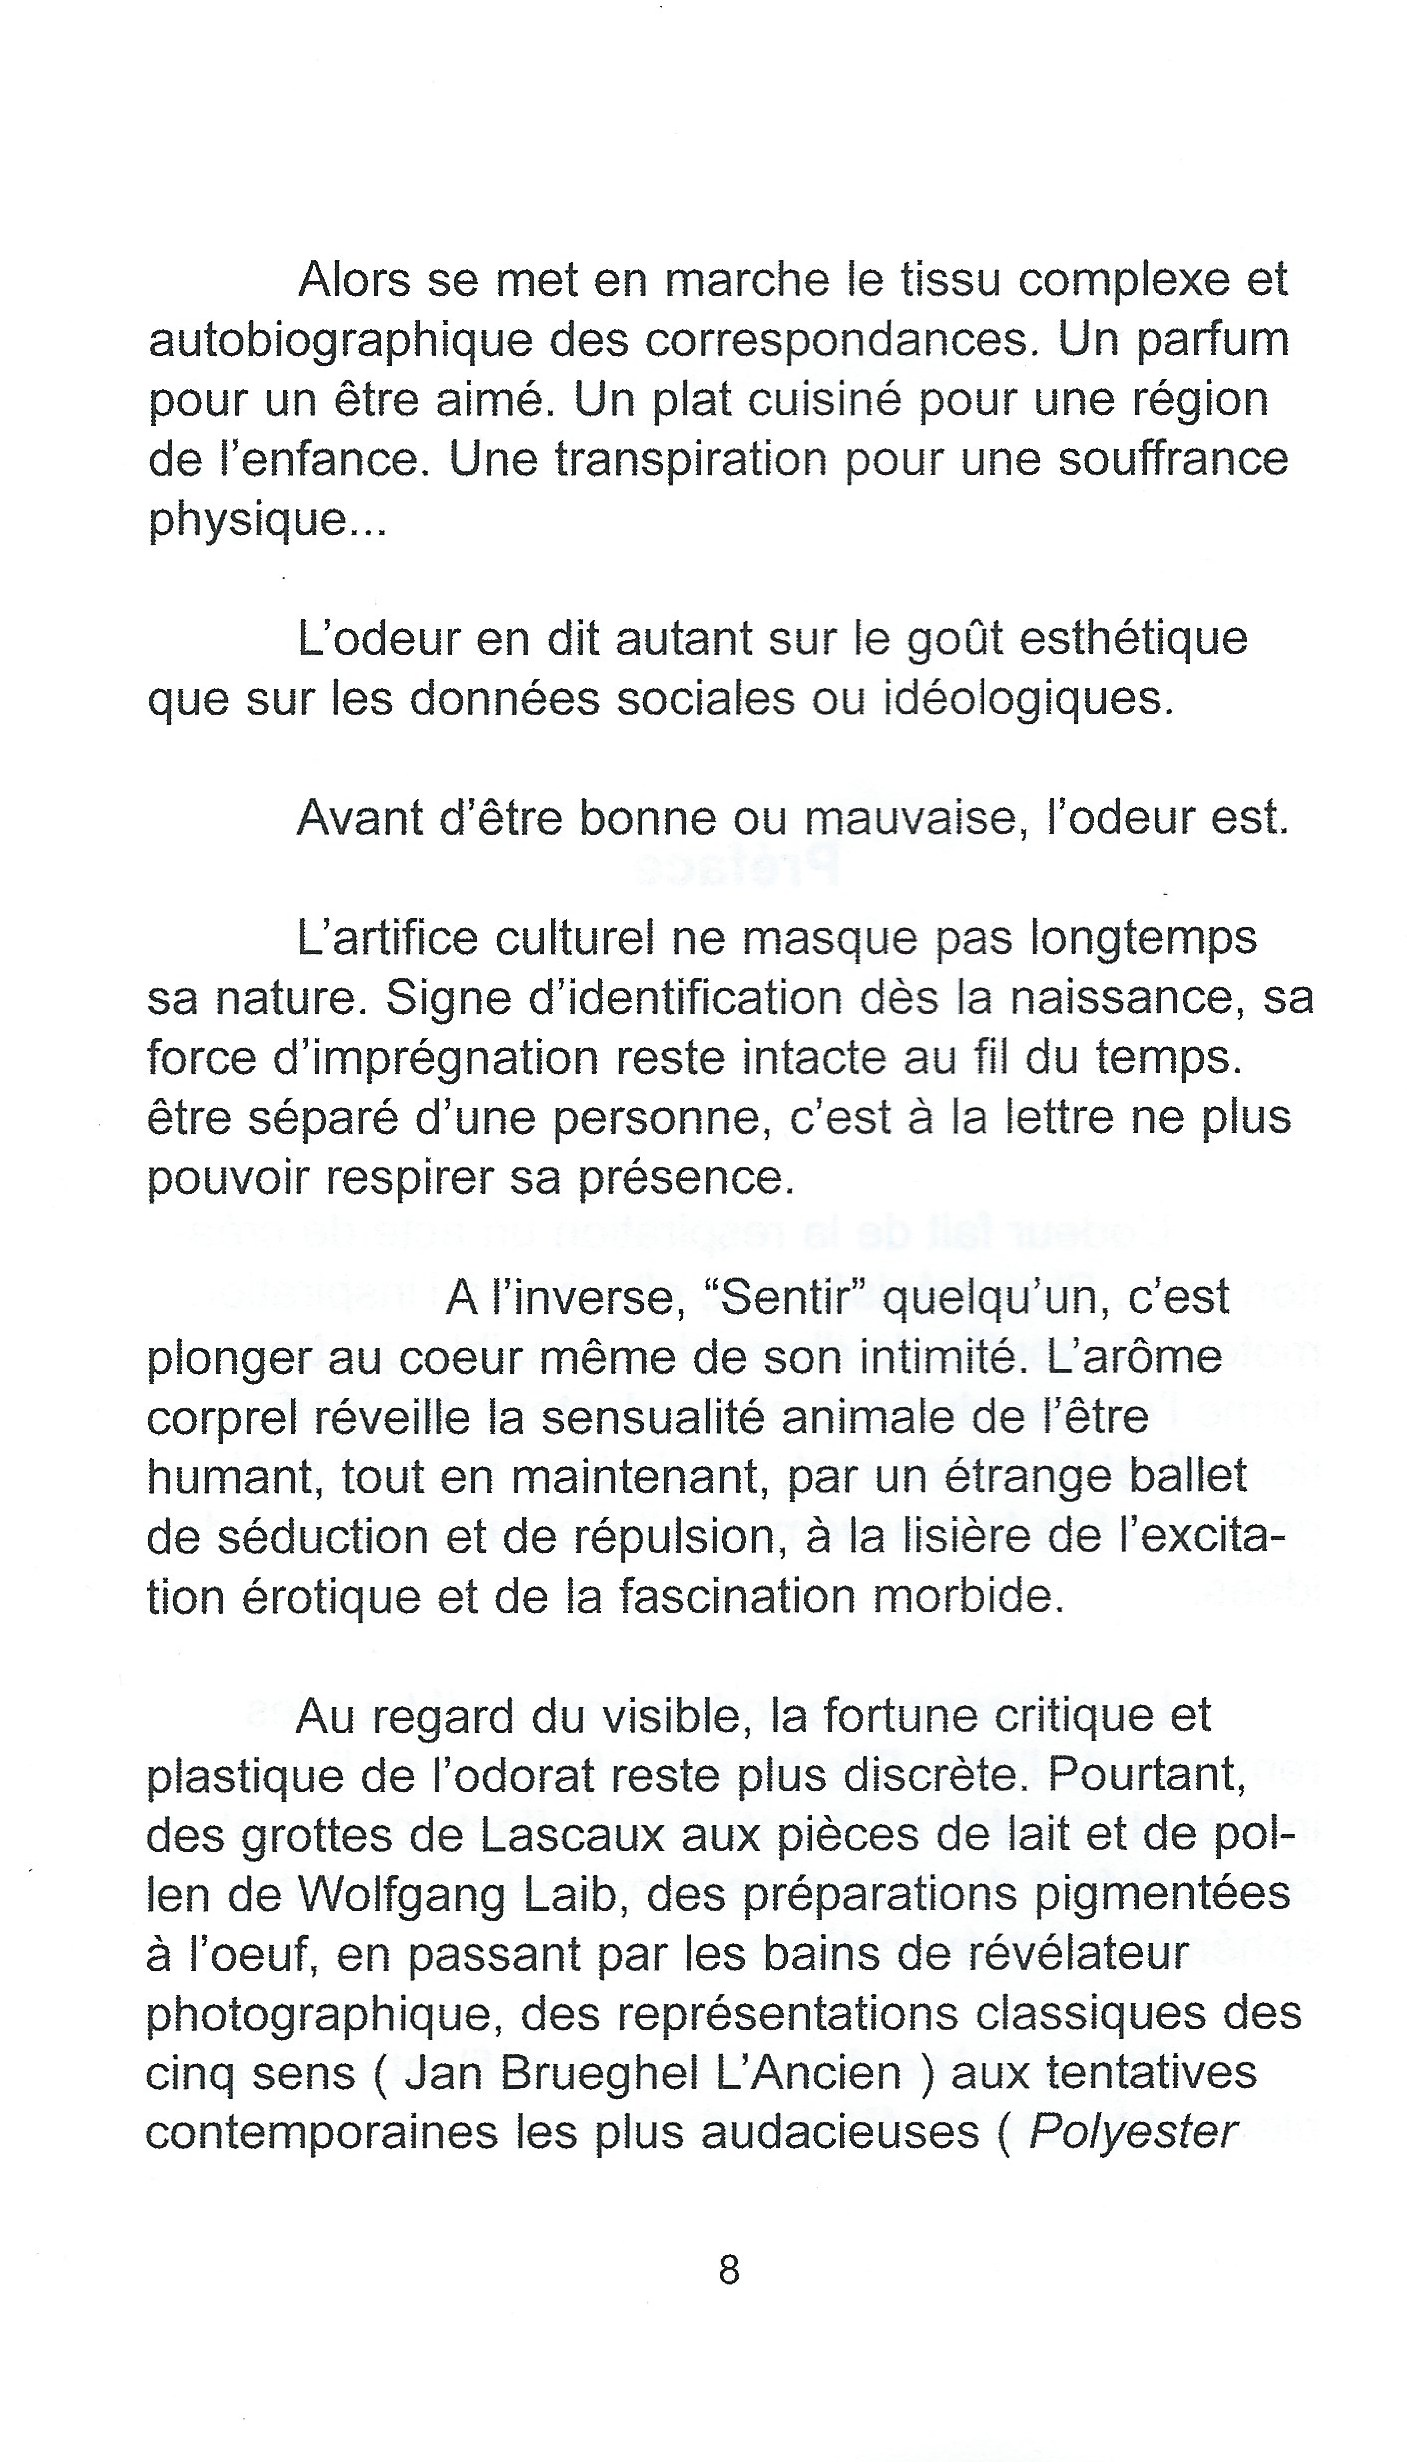 preface-parfum-des-mots2